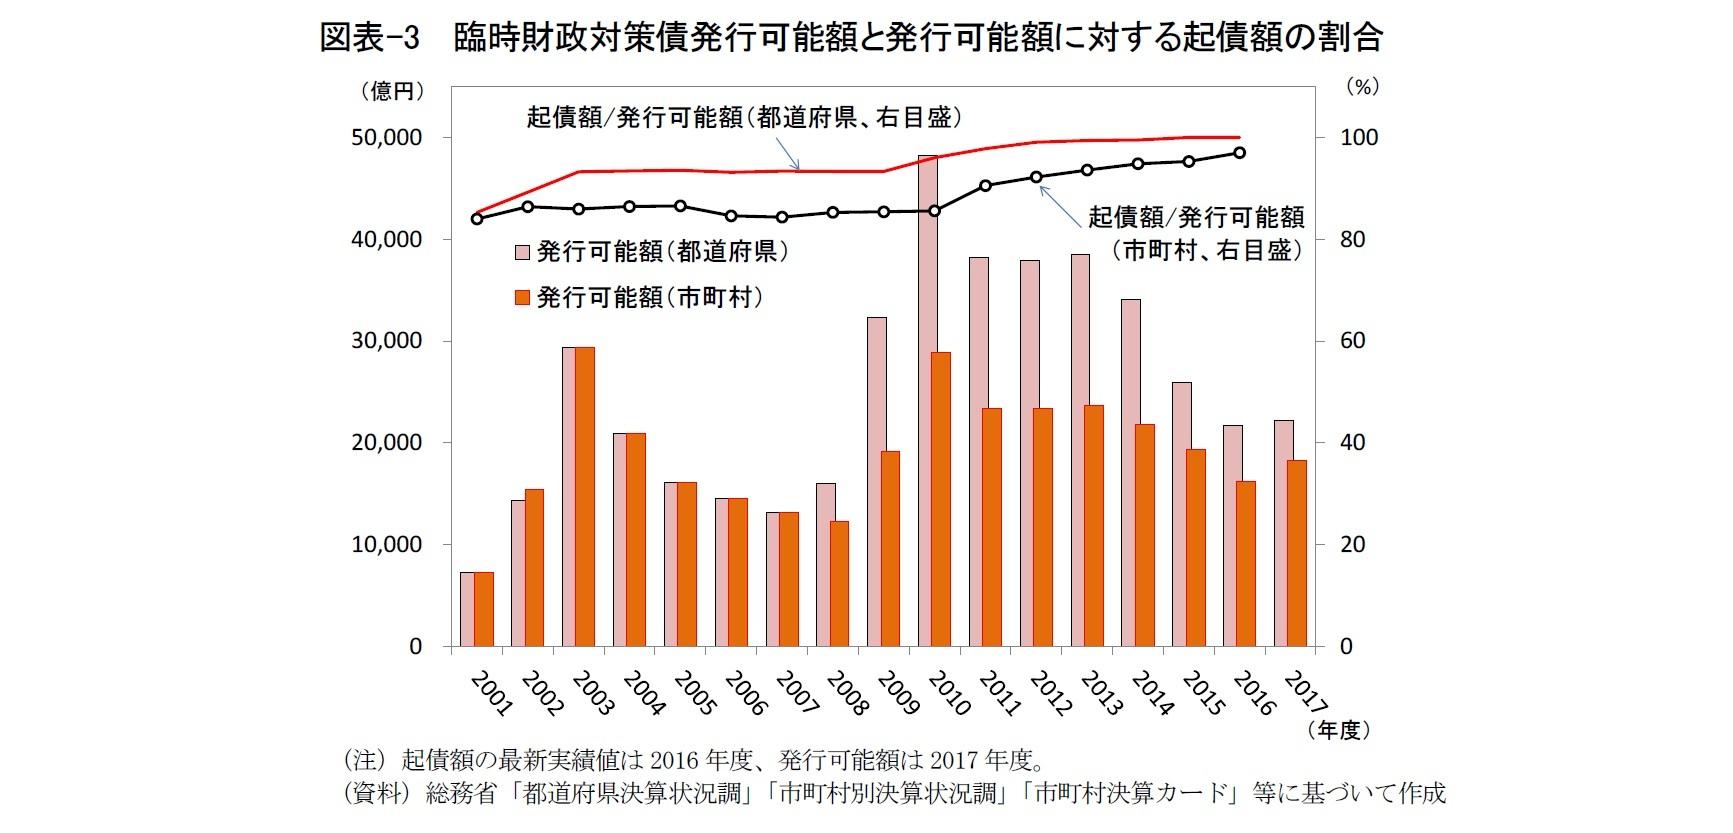 図表-3  臨時財政対策債発行可能額と発行可能額に対する起債額の割合